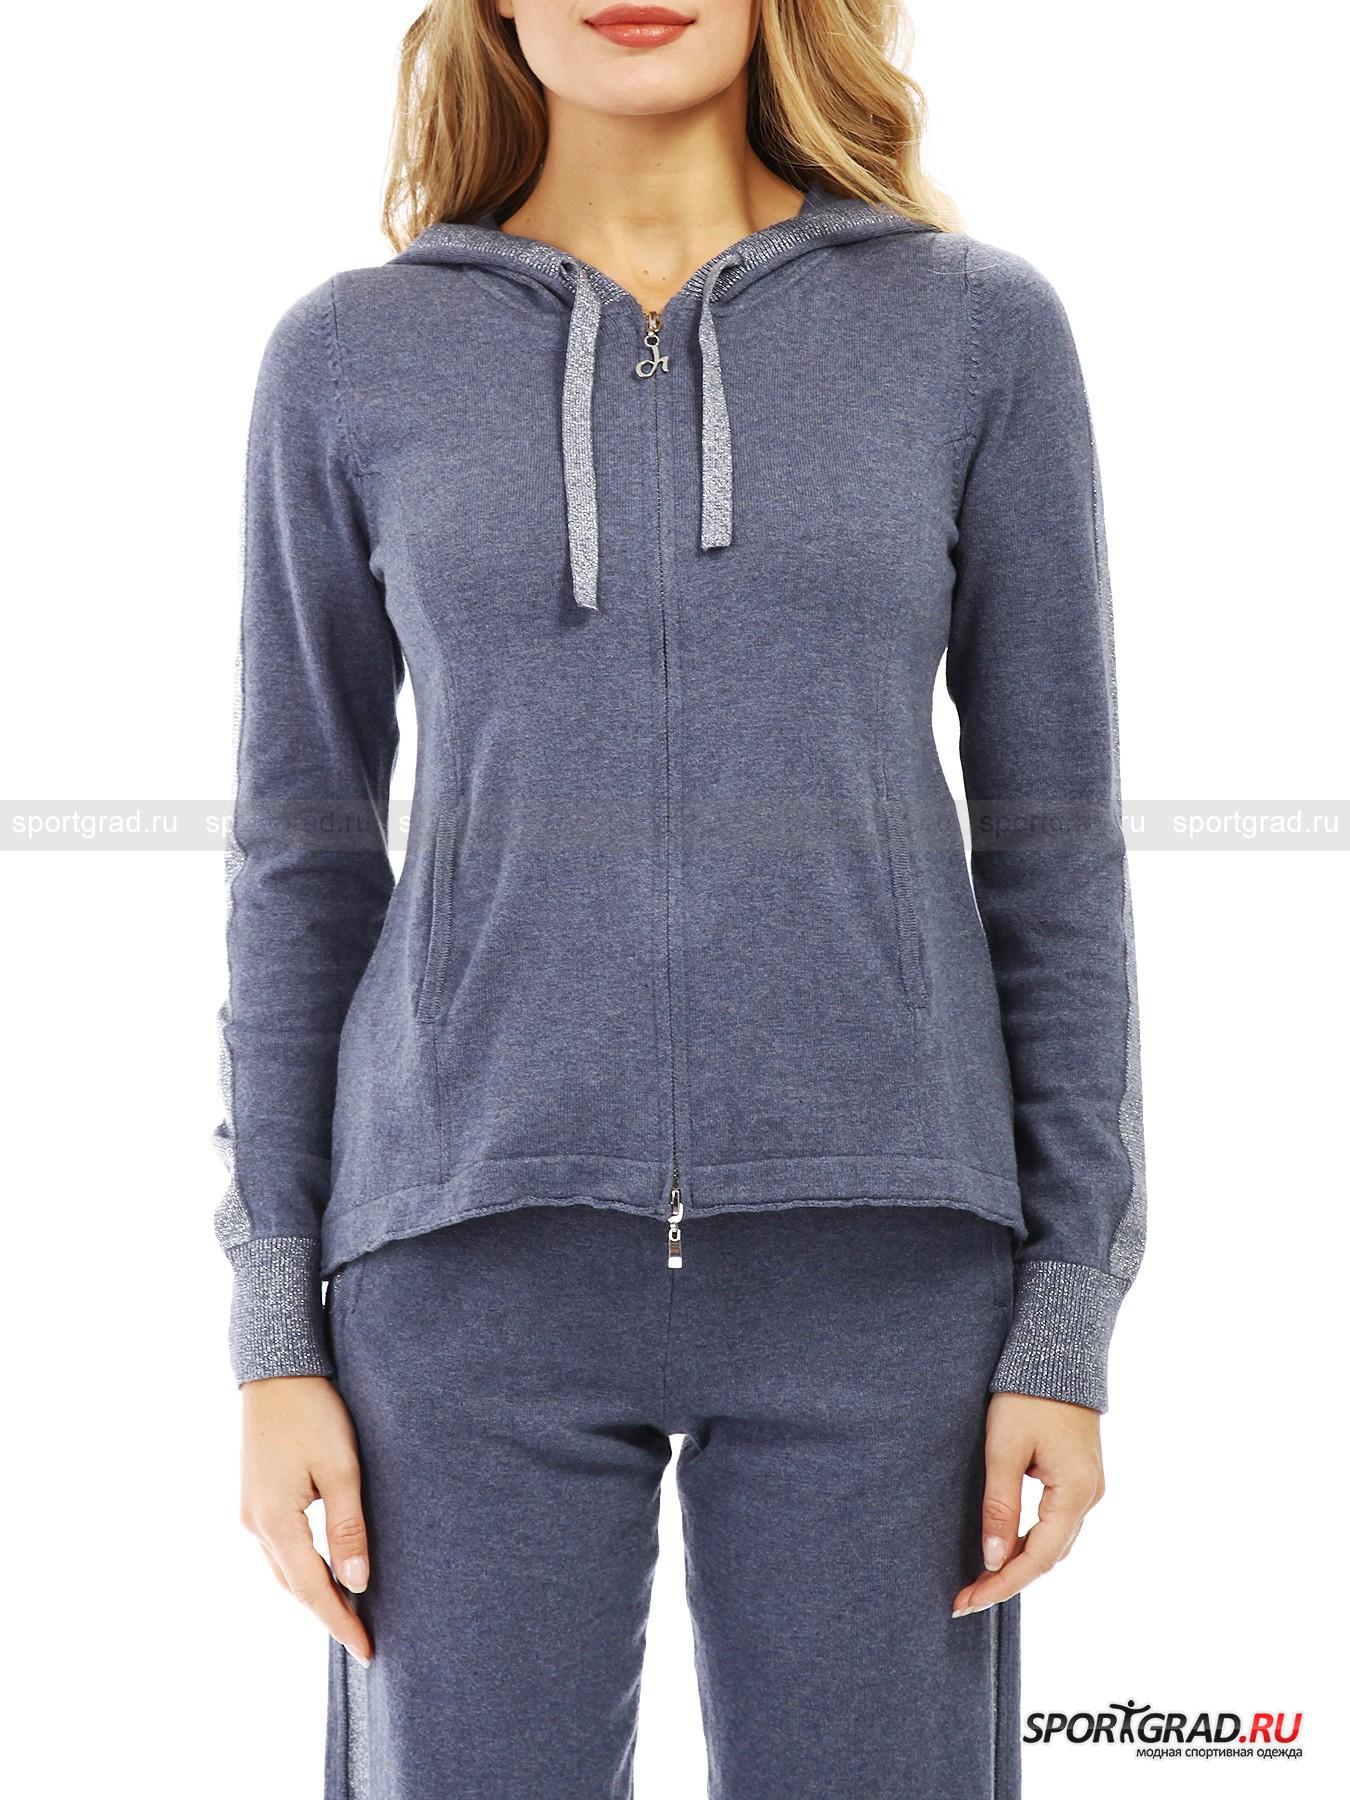 ��������� ������� Cachemire Full Zip Sweater DEHA